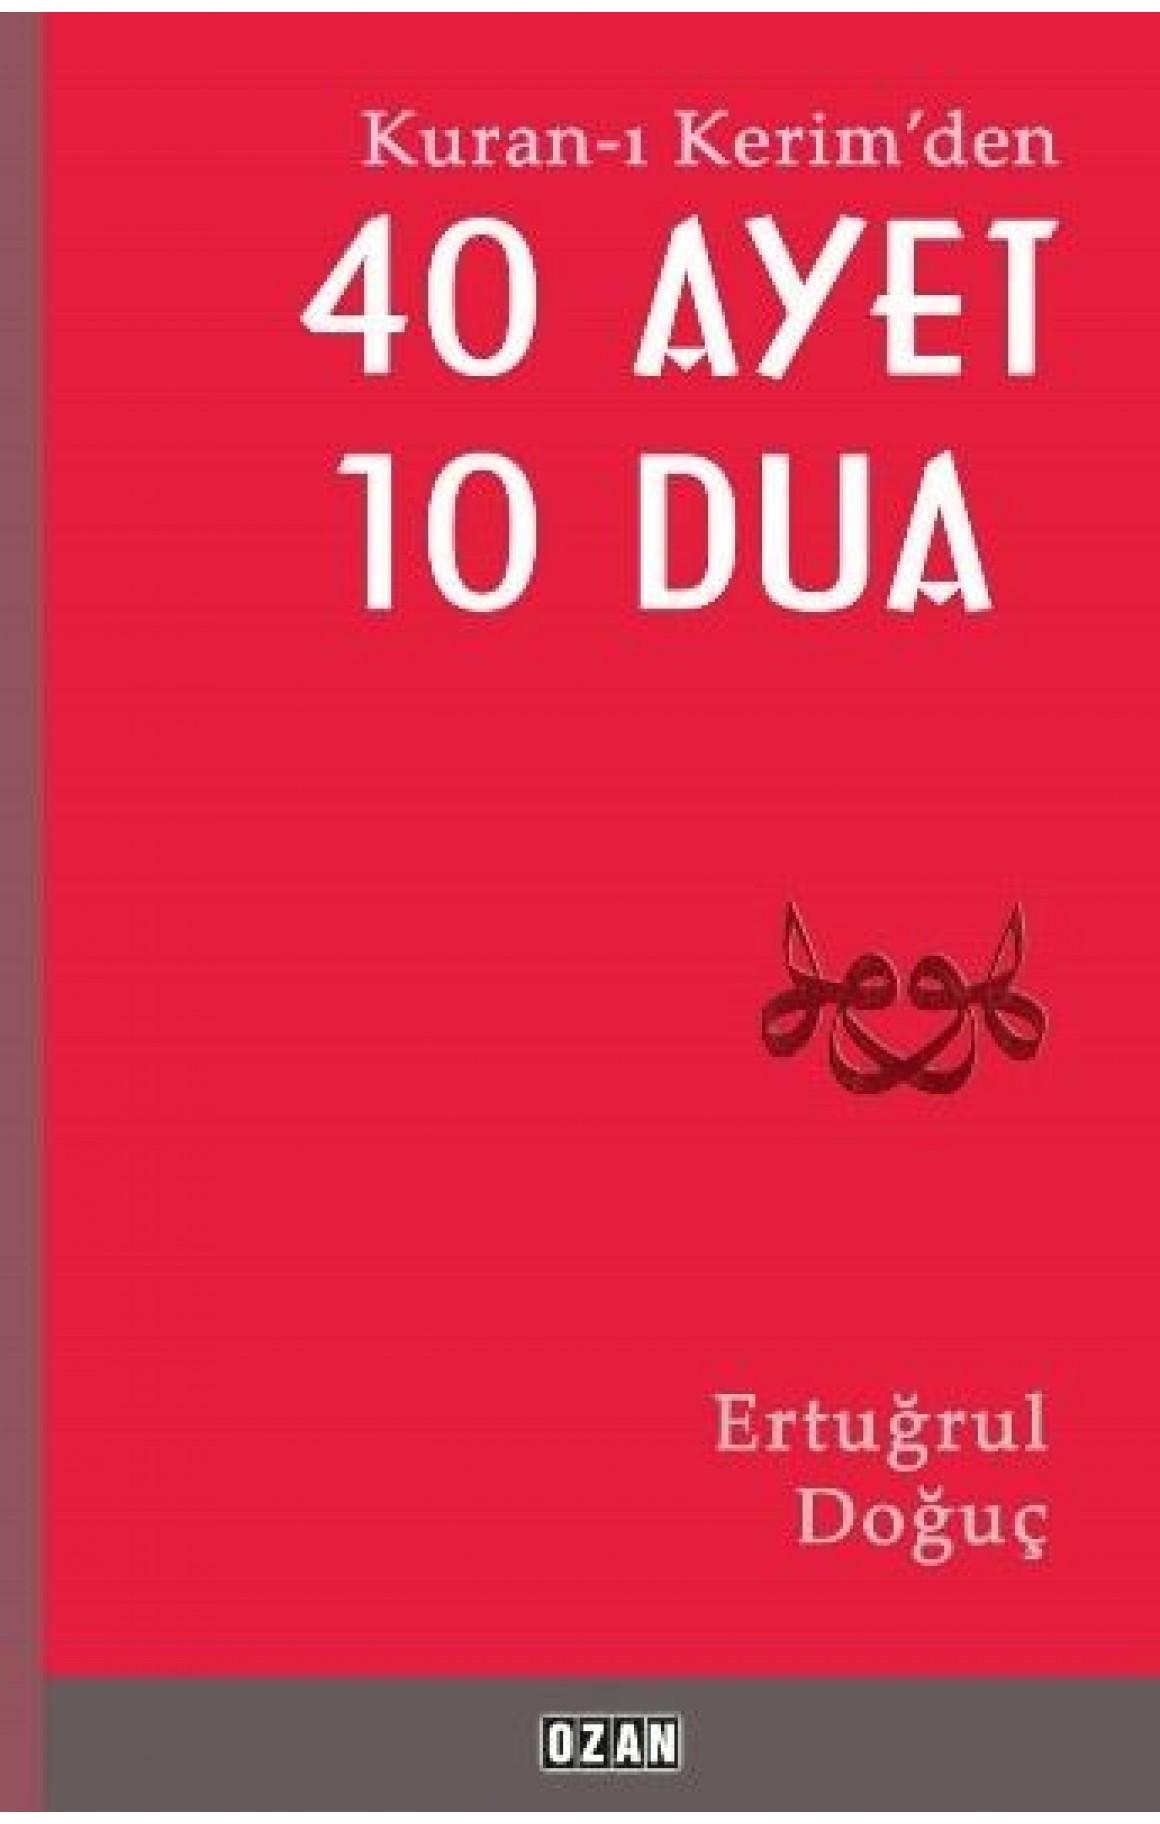 Kuran-ı Kerimden 40 Ayet 40 Dua